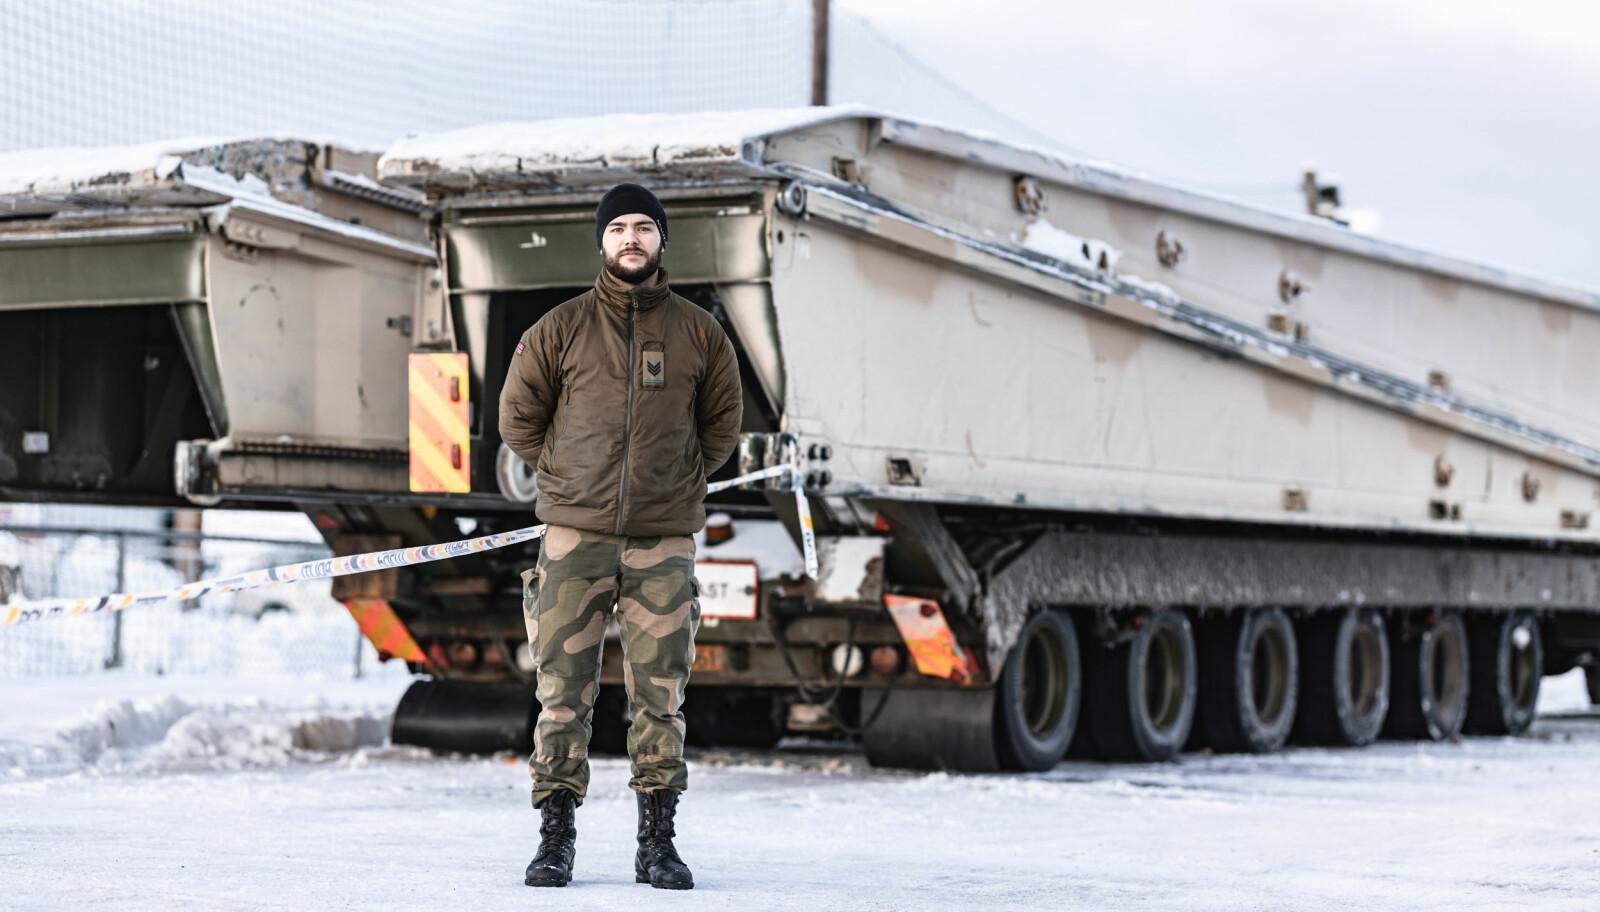 Selmer forteller at soldatene får god oppfølging av Forsvaret.